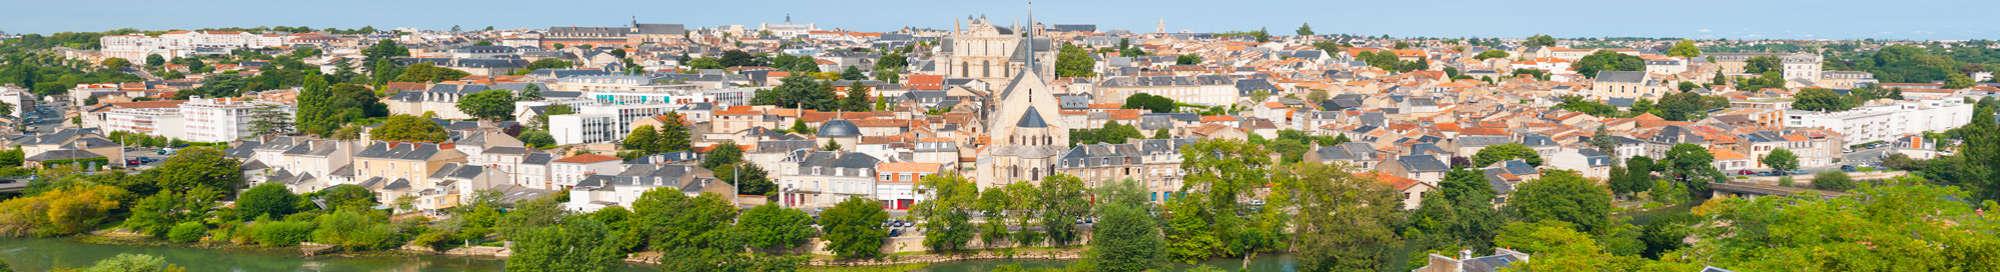 Week-end et séjour en Poitou-Charentes